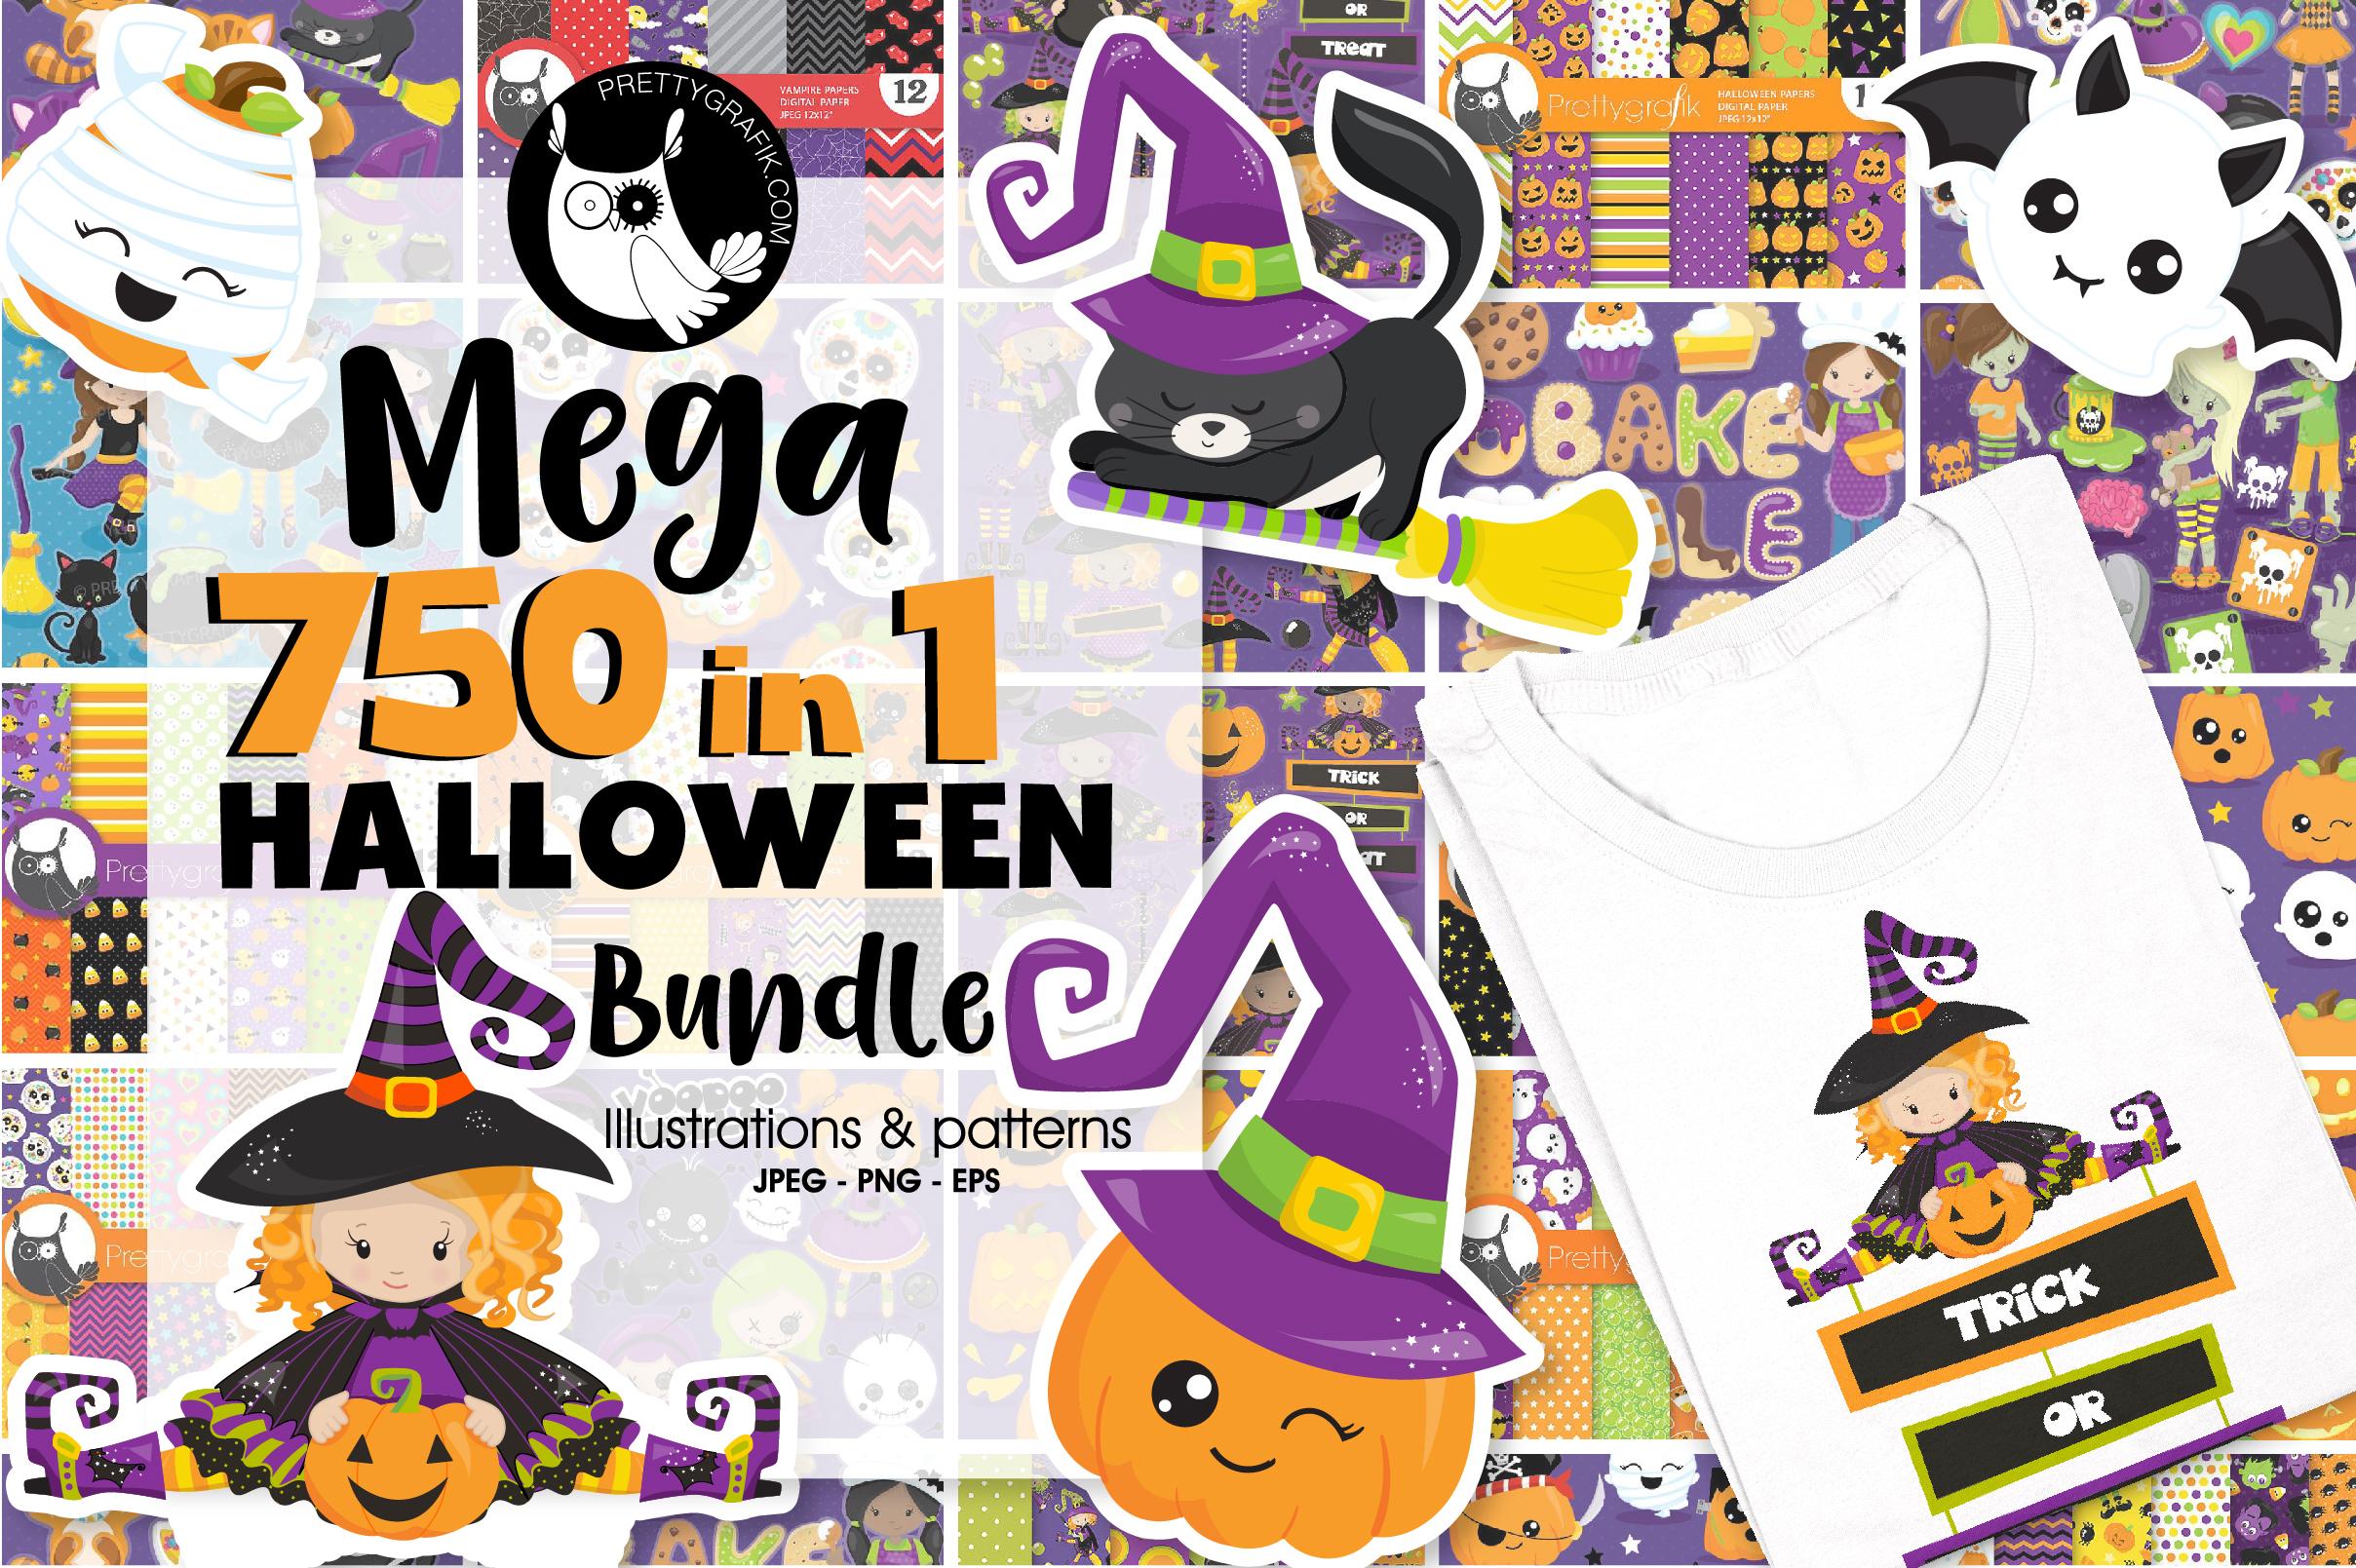 750 in 1 - Halloween Bundle - 95OFF - $10 instead of $150 ! example image 1